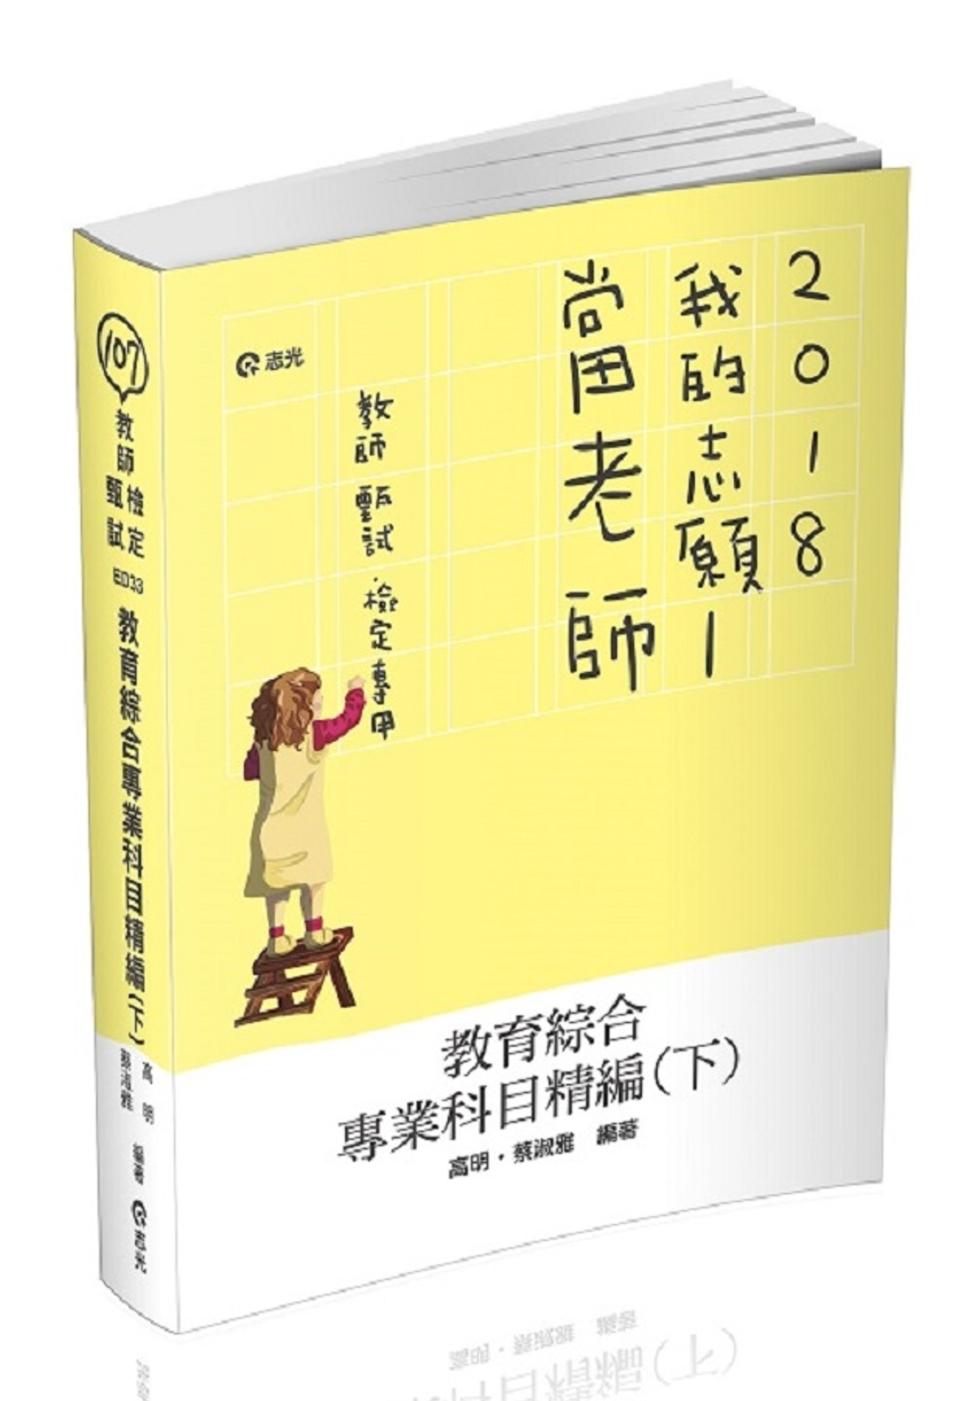 教育綜合專業科目精編(下)( 教甄、教檢、研究所考試適用)